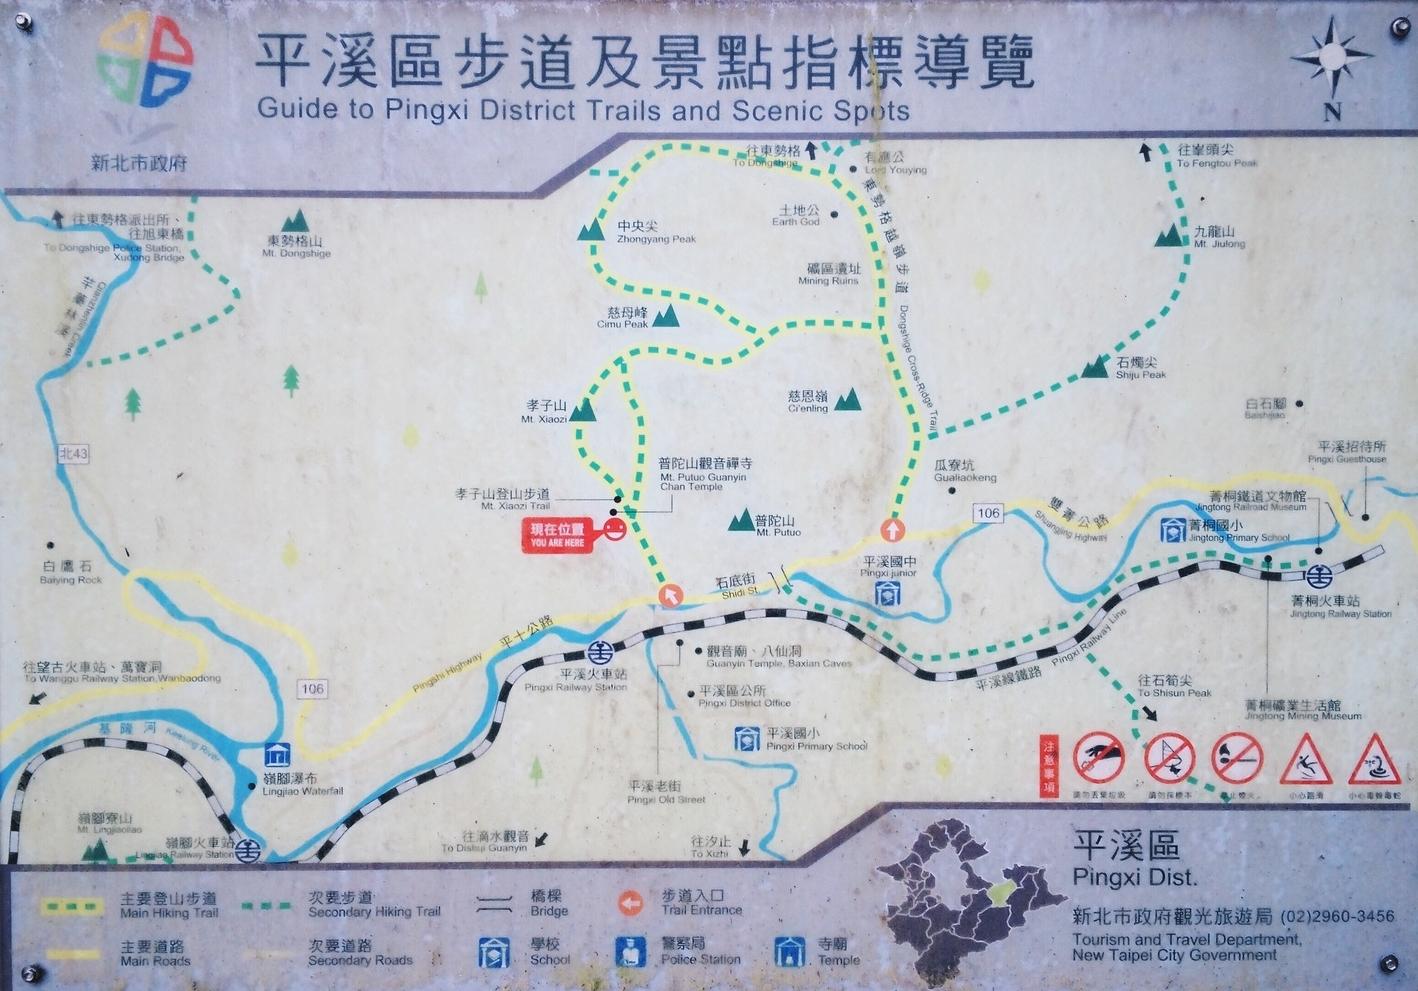 The Pingxi DistrictTrail Map